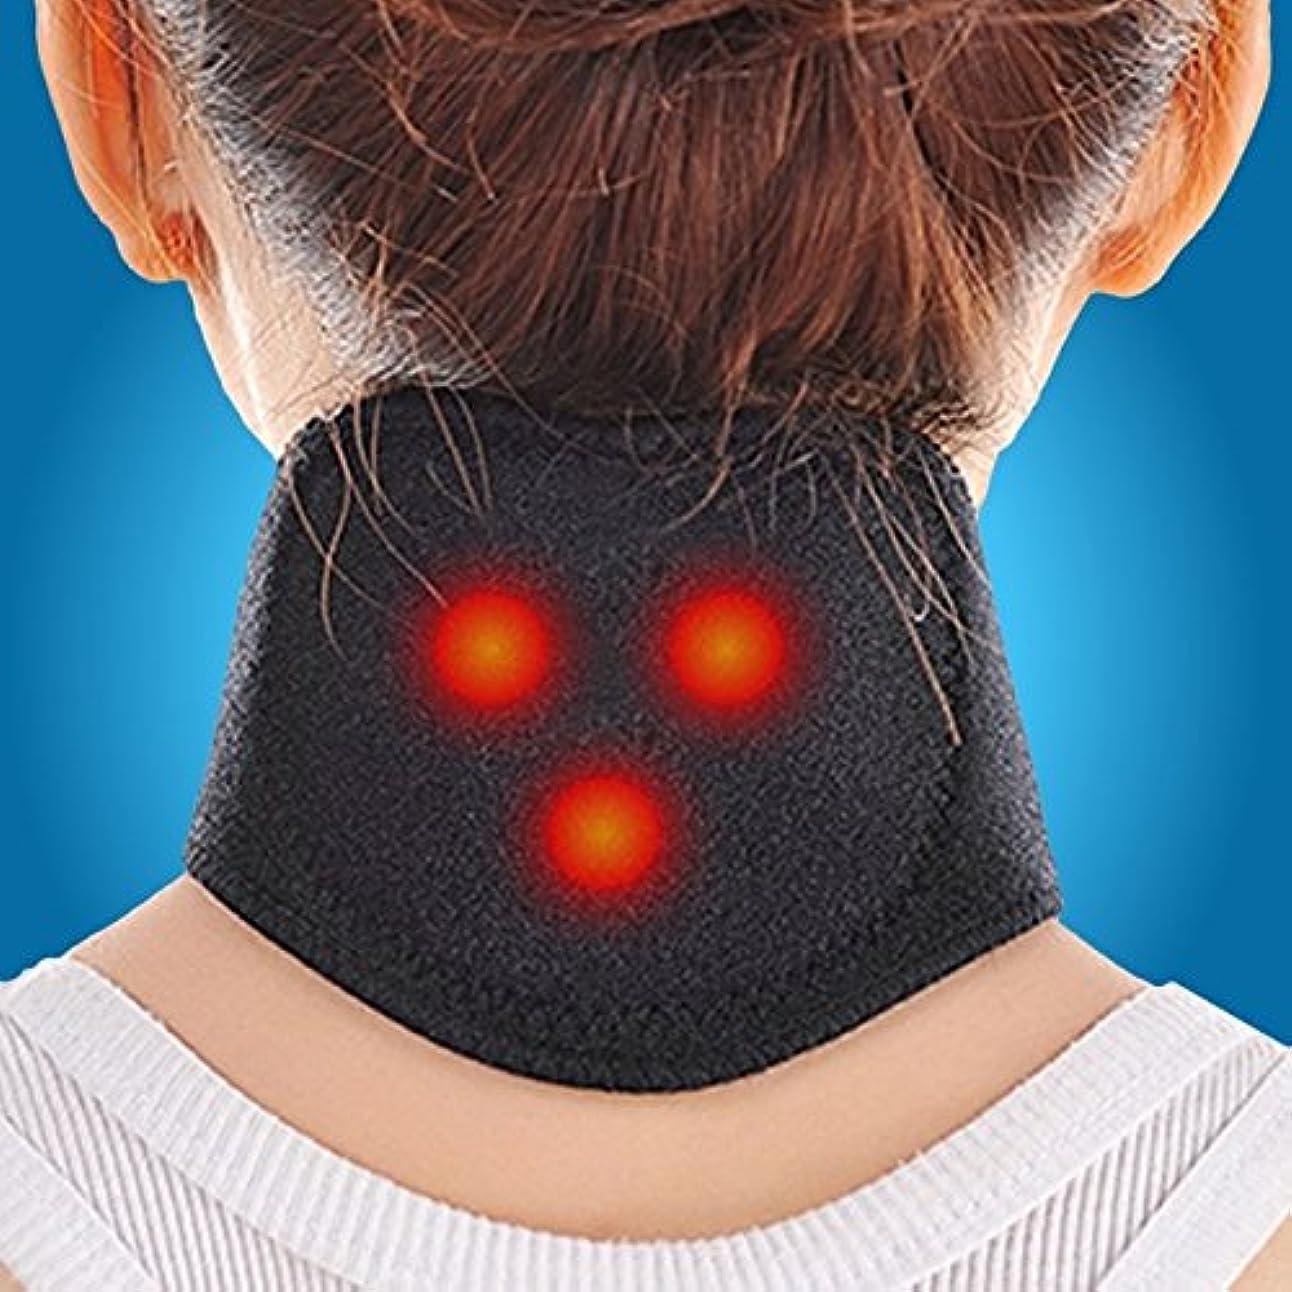 測定厚くする自分の力ですべてをするTourmaline Magnetic Therapy Neck Massager Cervical Vertebra Protection Spontaneous Heating Belt Body Massager...